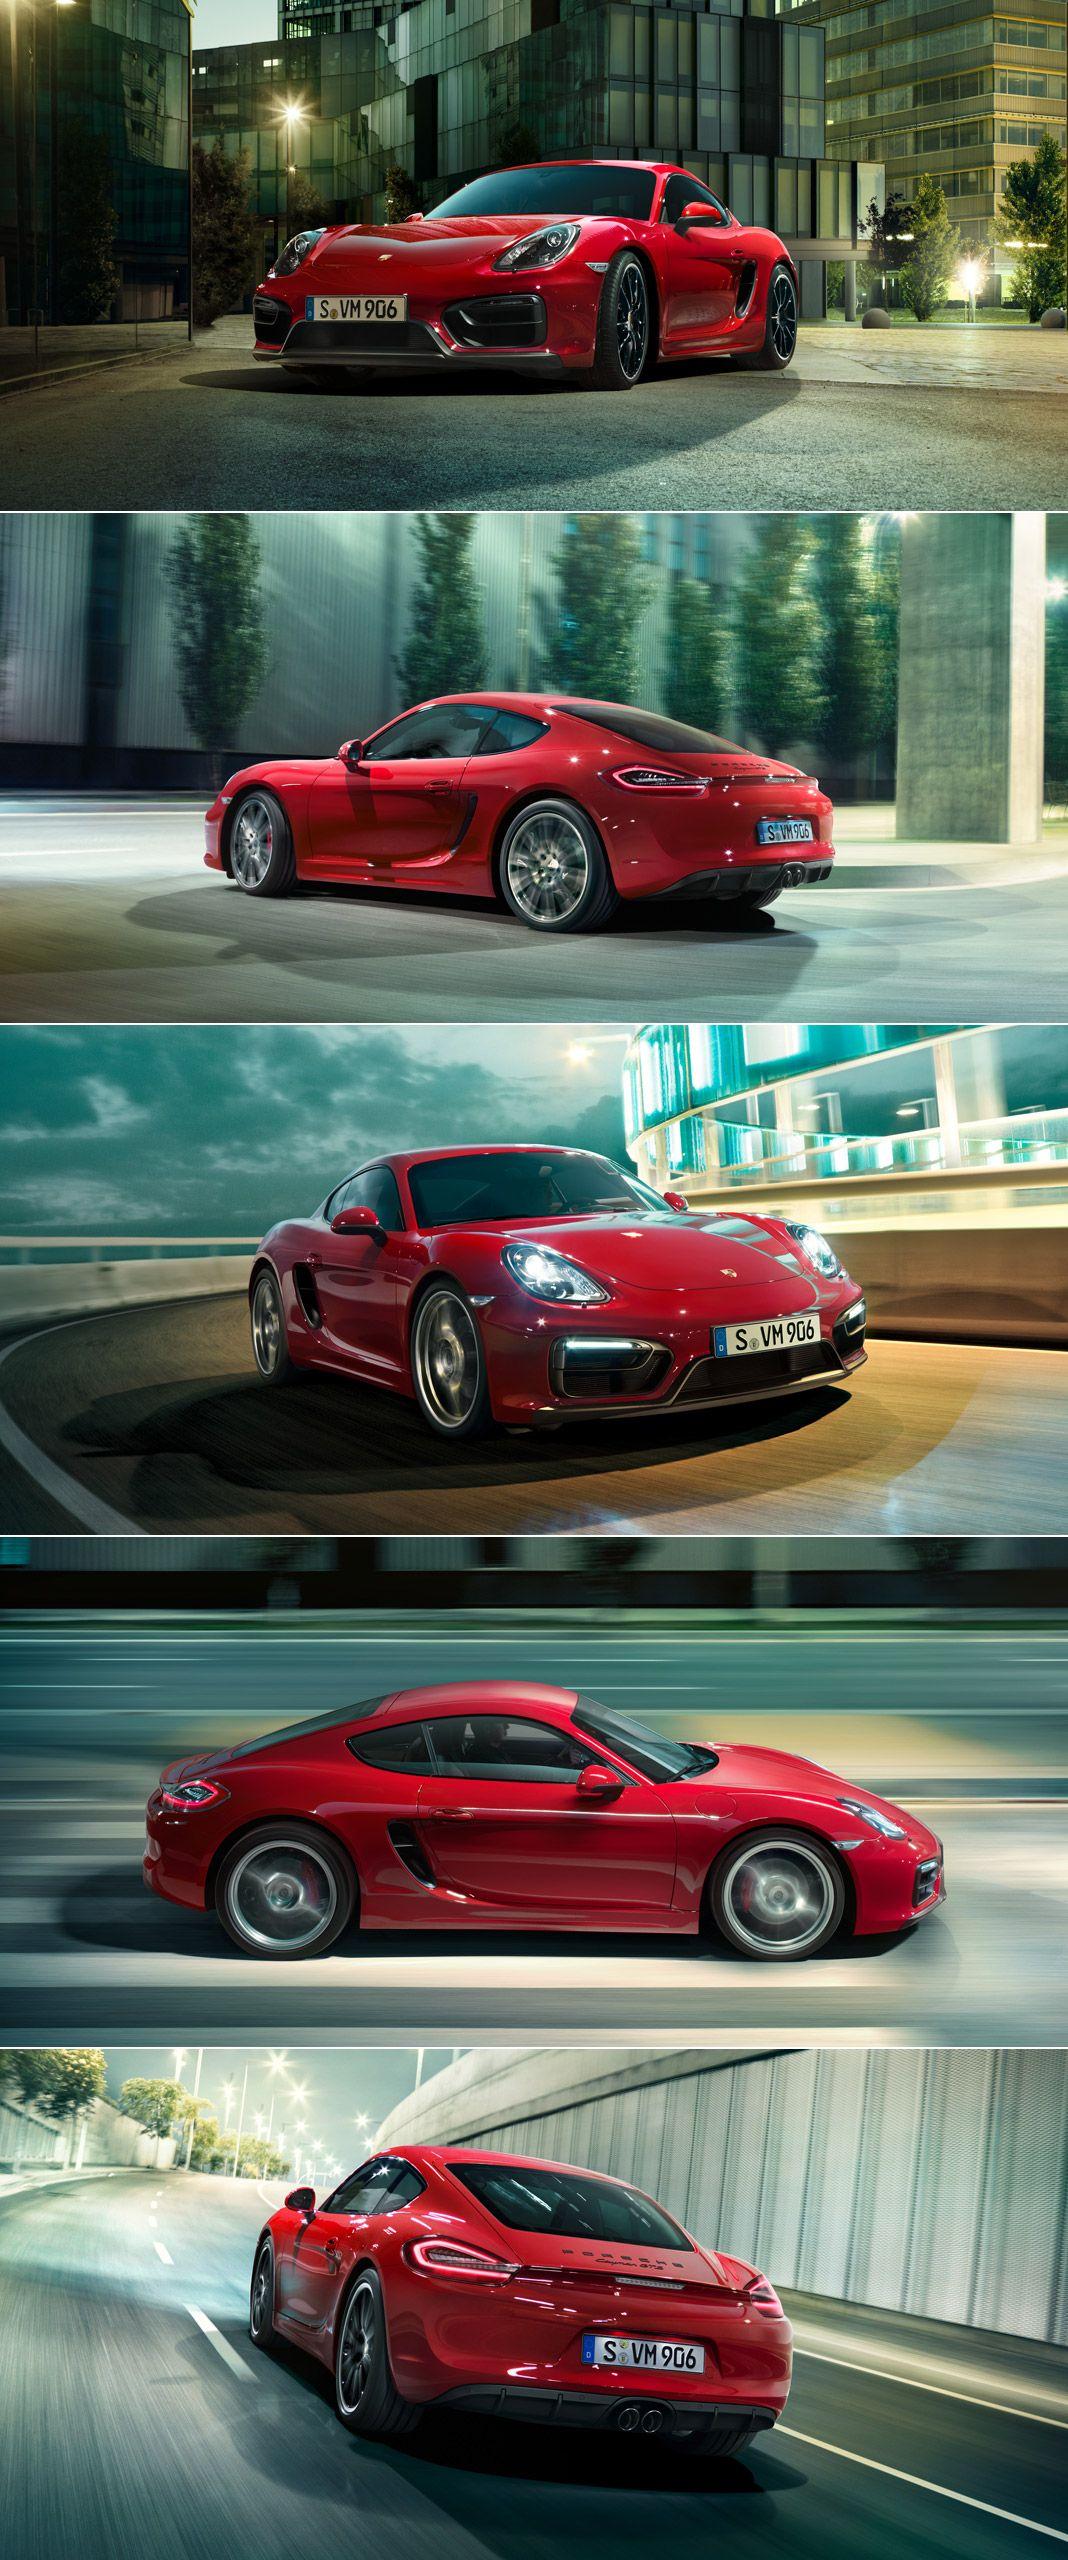 purist the new cayman gts porsche dream cars cars pinterest